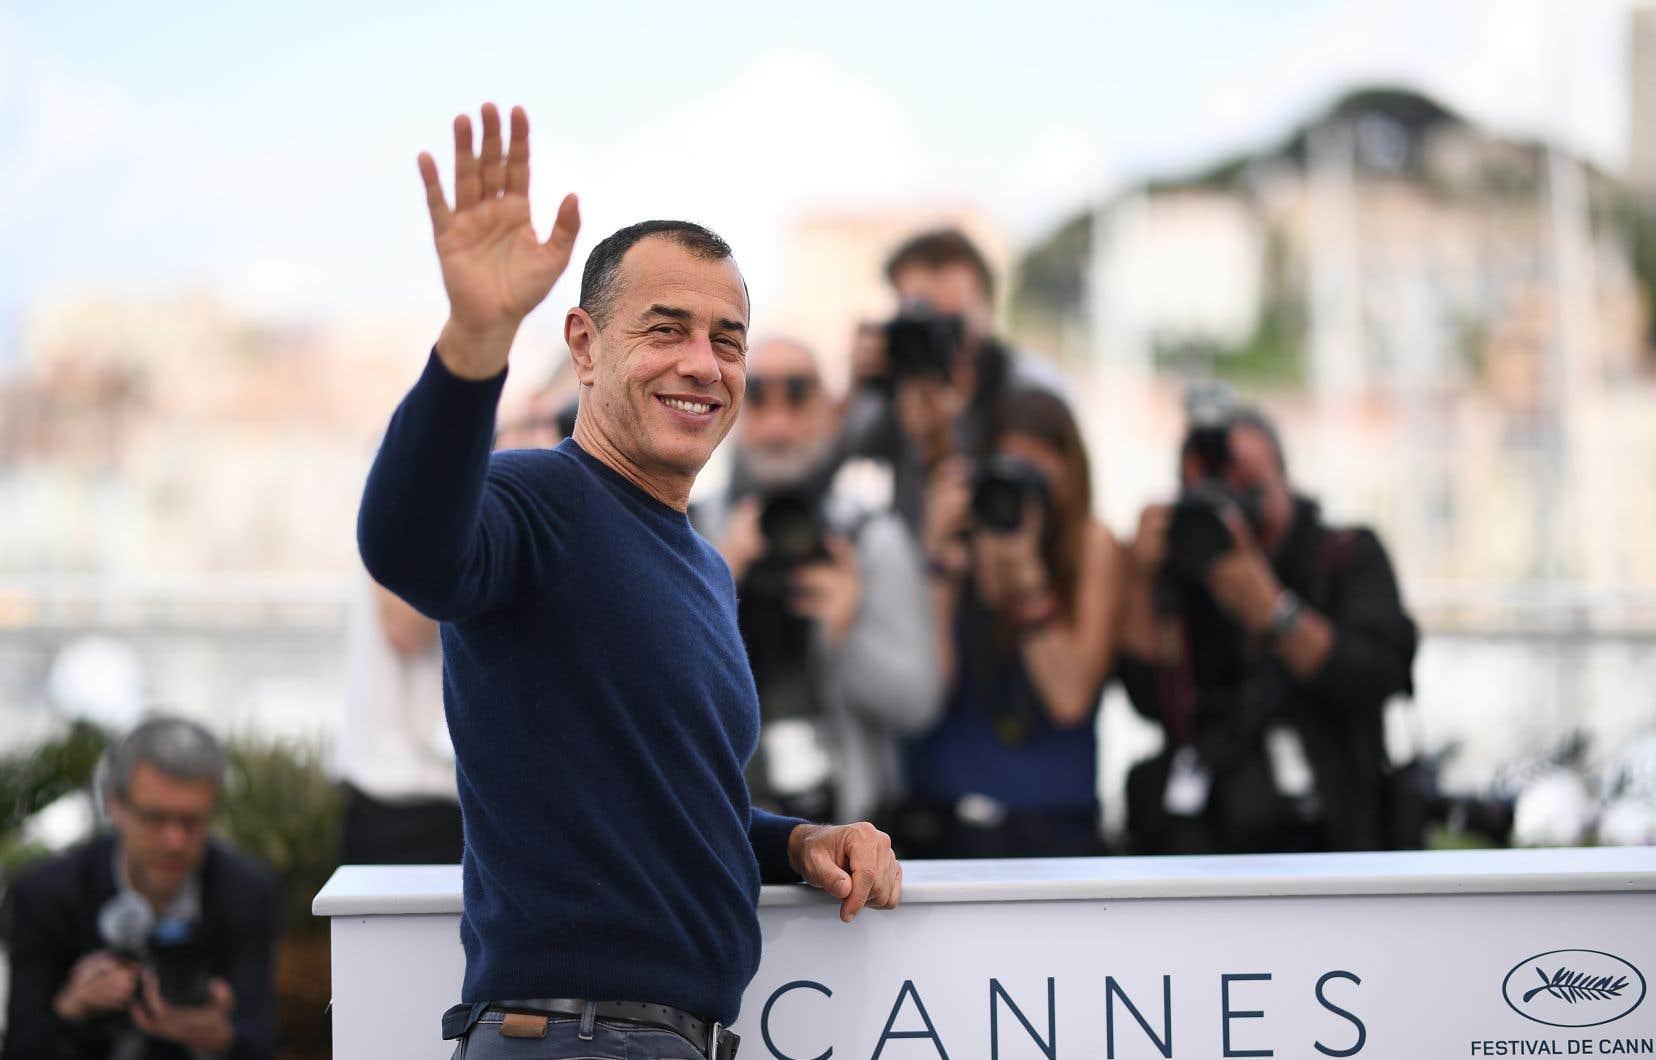 L'Italien Matteo Garrone, grand habitué de Cannes, a présenté l'impressionnant «Dogman».